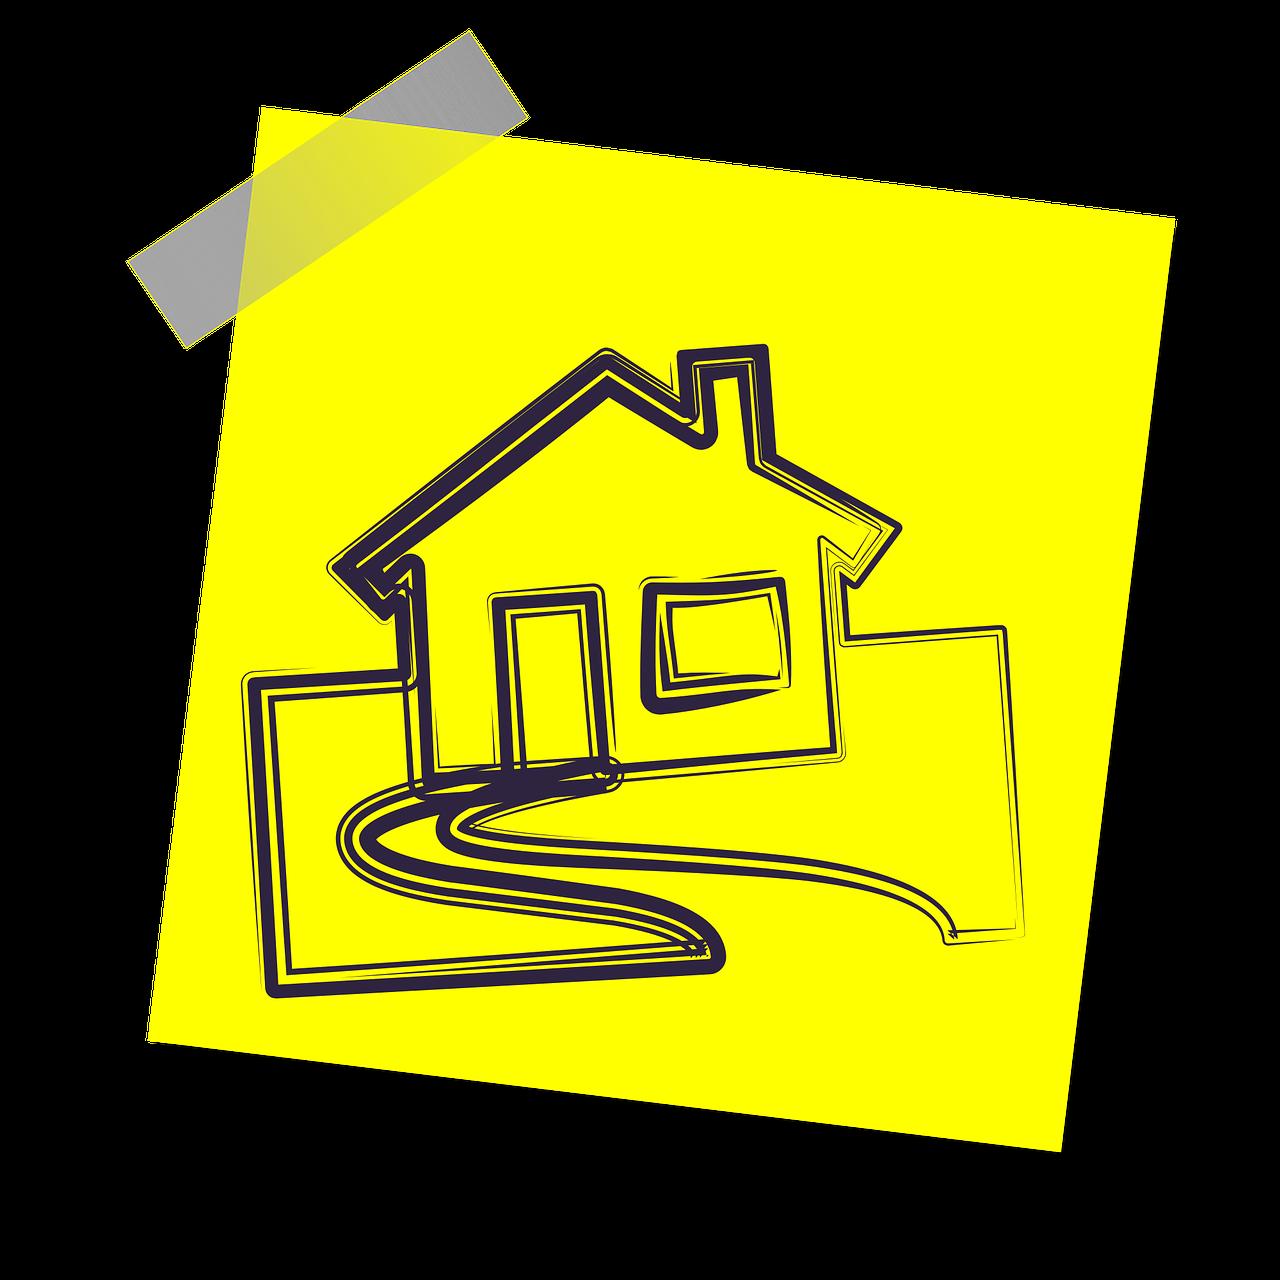 Diventare un agente immobiliare: quali caratteristiche e qualità hai bisogno?